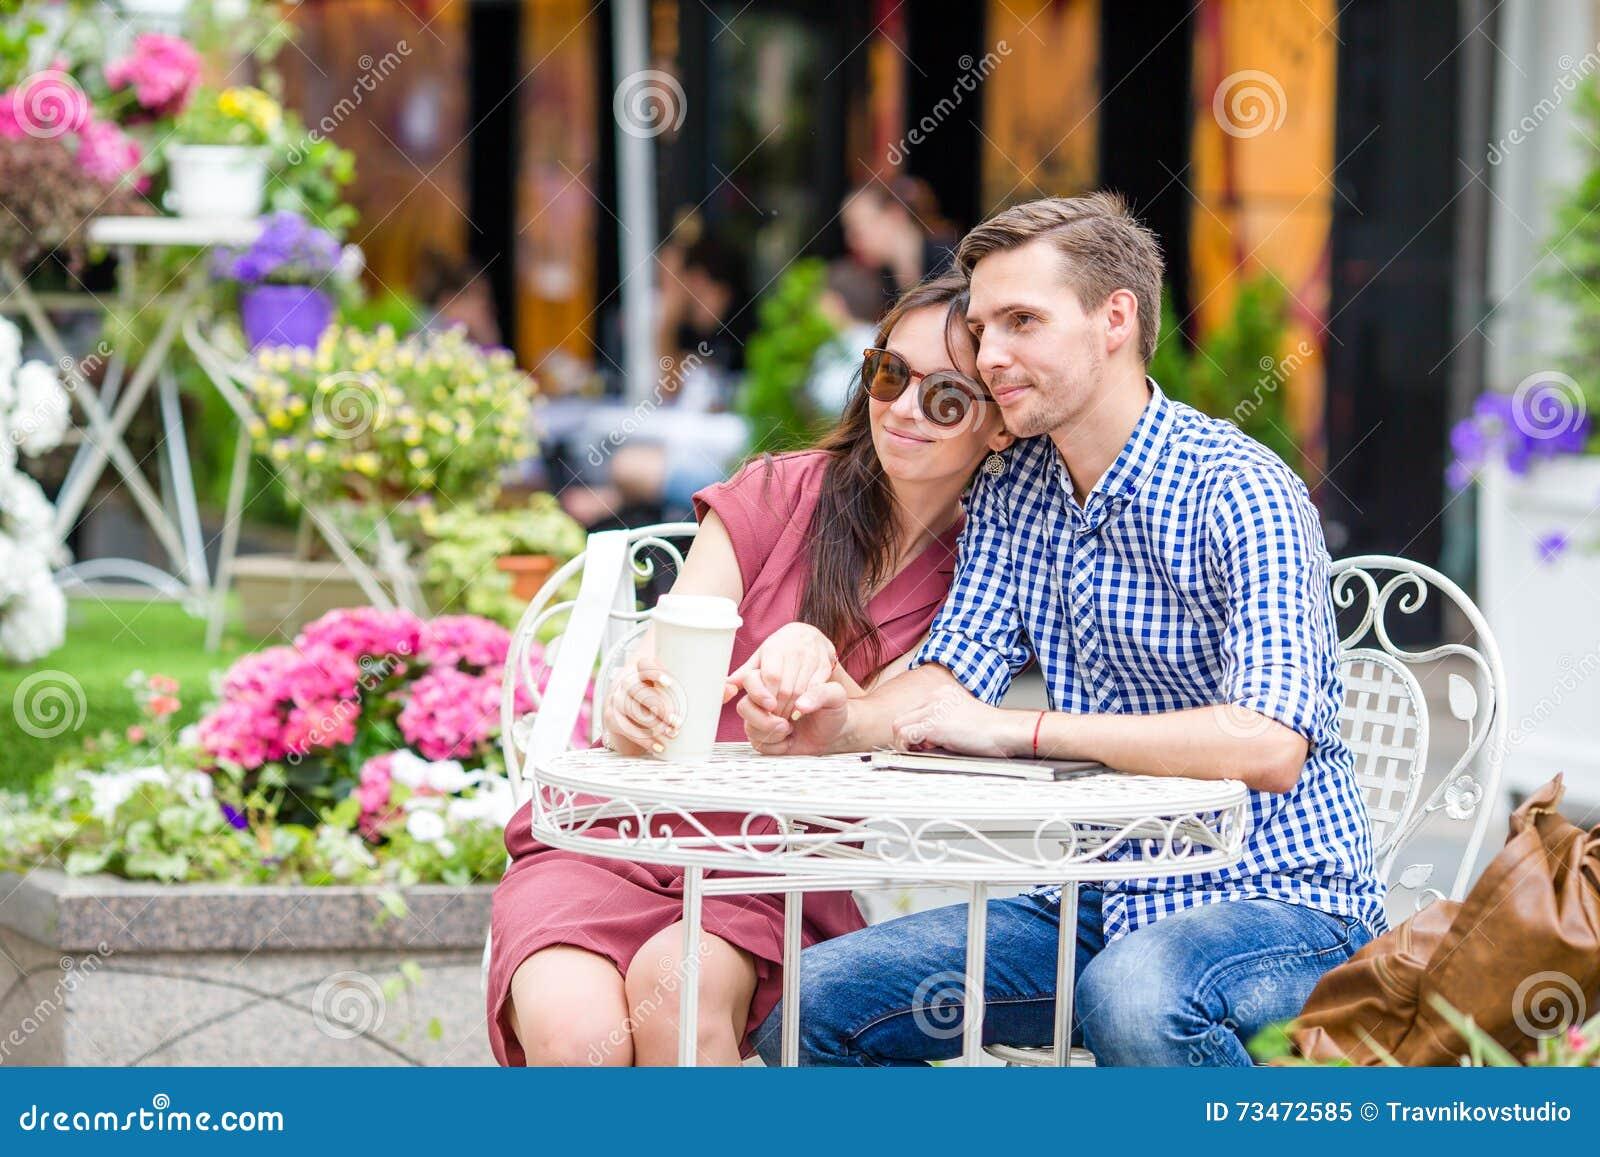 Restauranttouristenpaare, die Café am im Freien essen Junge Frau genießen Zeit mit ihrem Ehemann, während Mannlesung